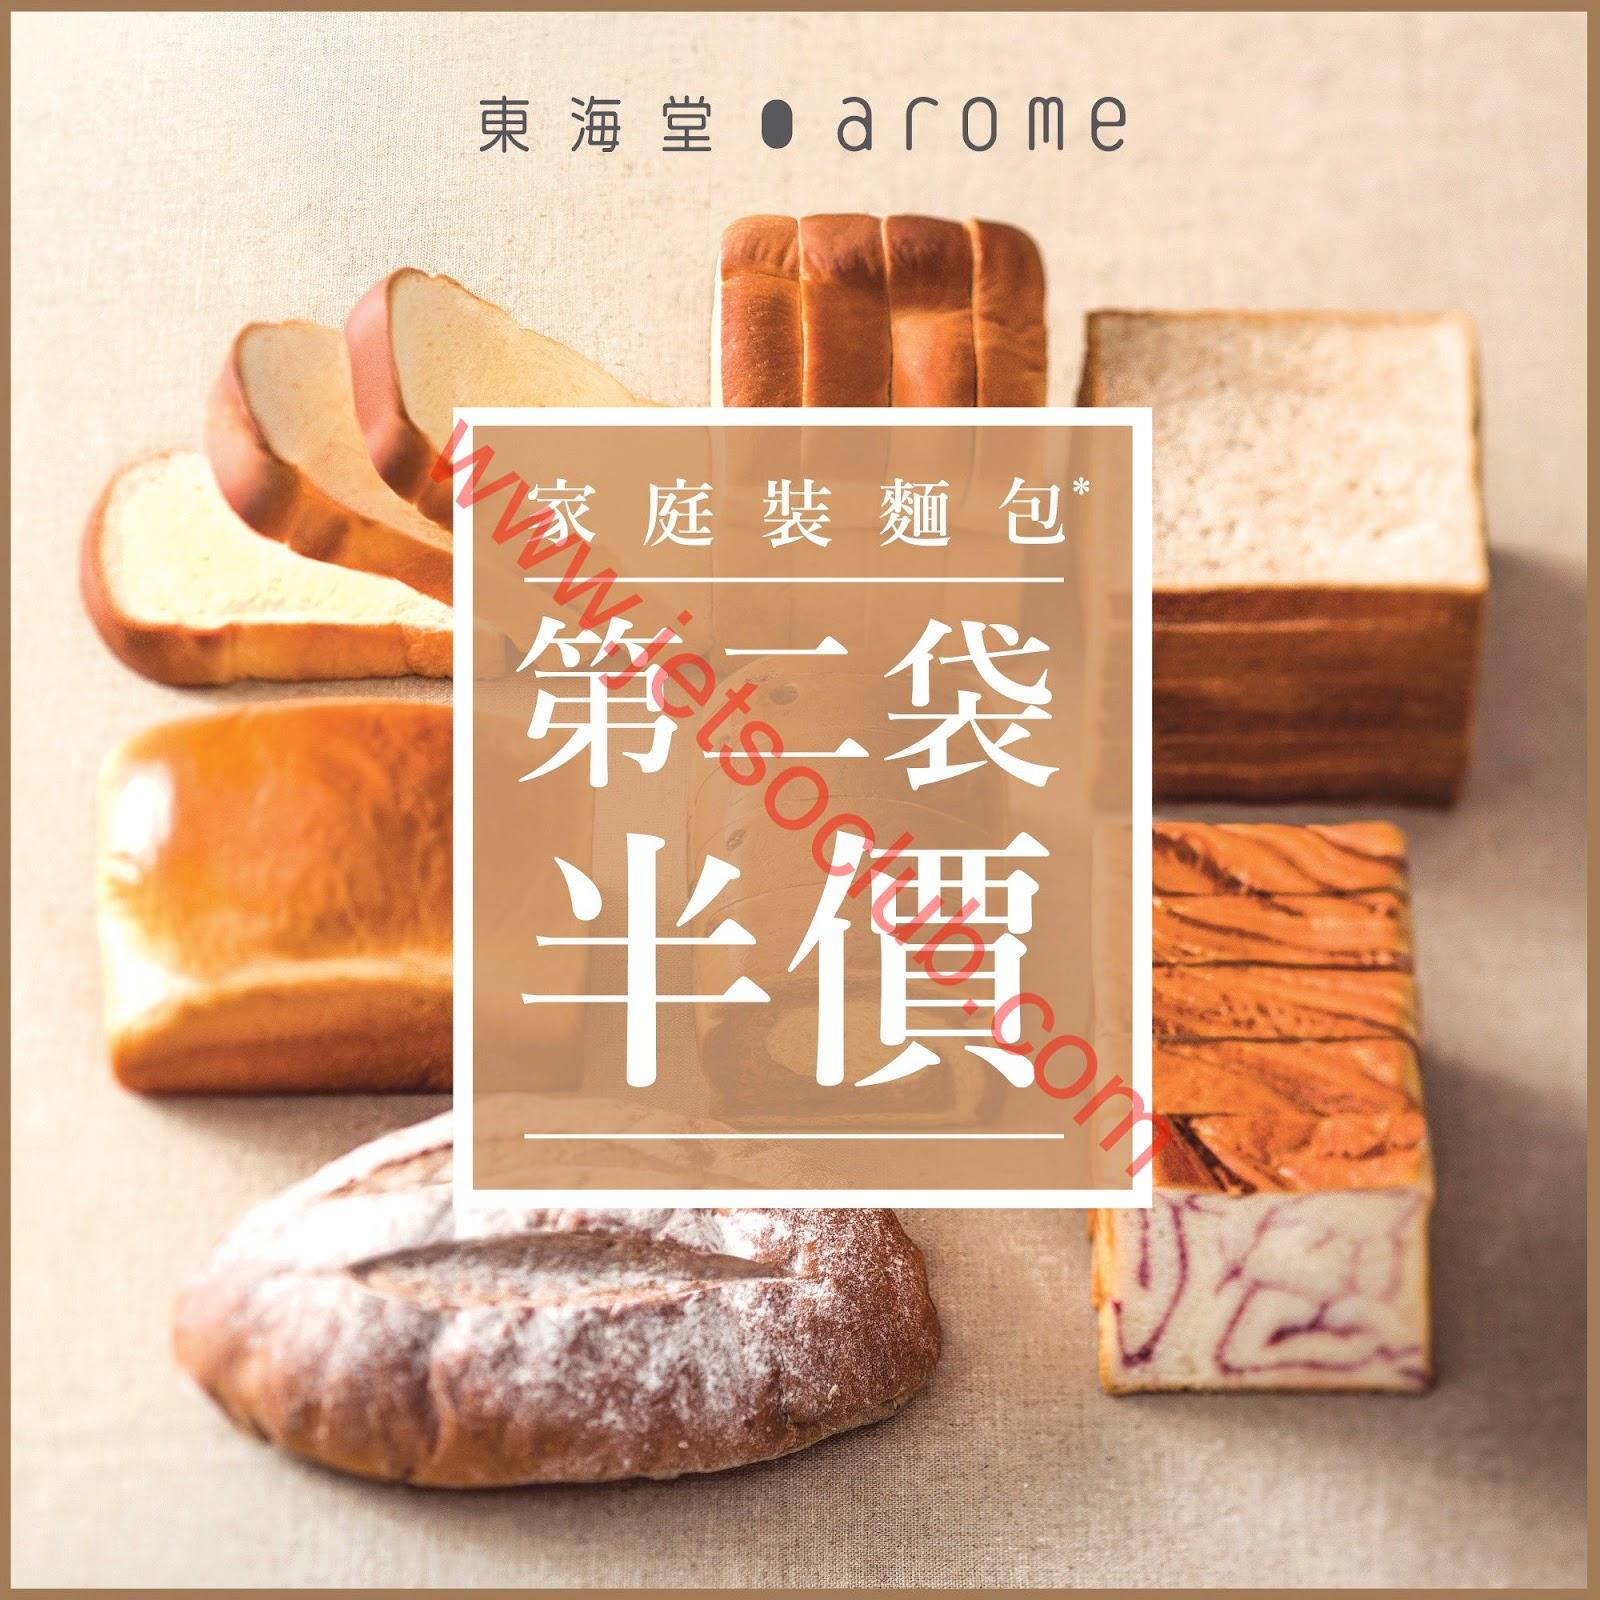 東海堂:+$99換購「北海道3.6牛乳蛋白卷」/ 家庭裝麵包 第二袋半價(至14/6) ( Jetso Club 著數俱樂部 )